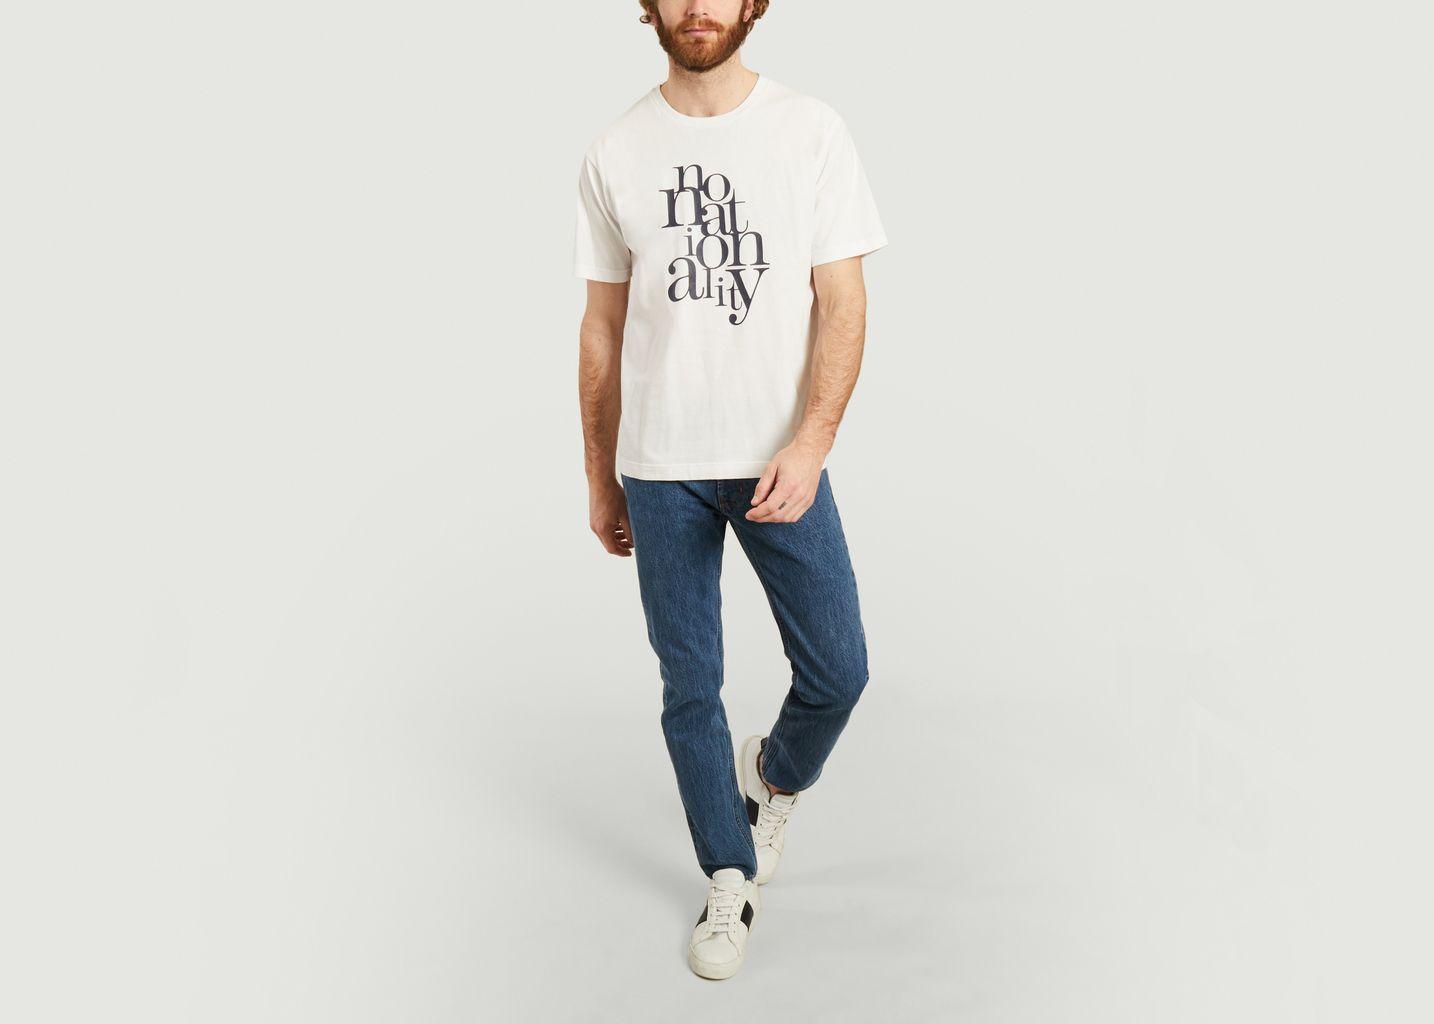 T-shirt Imprimé Wilko - NN07